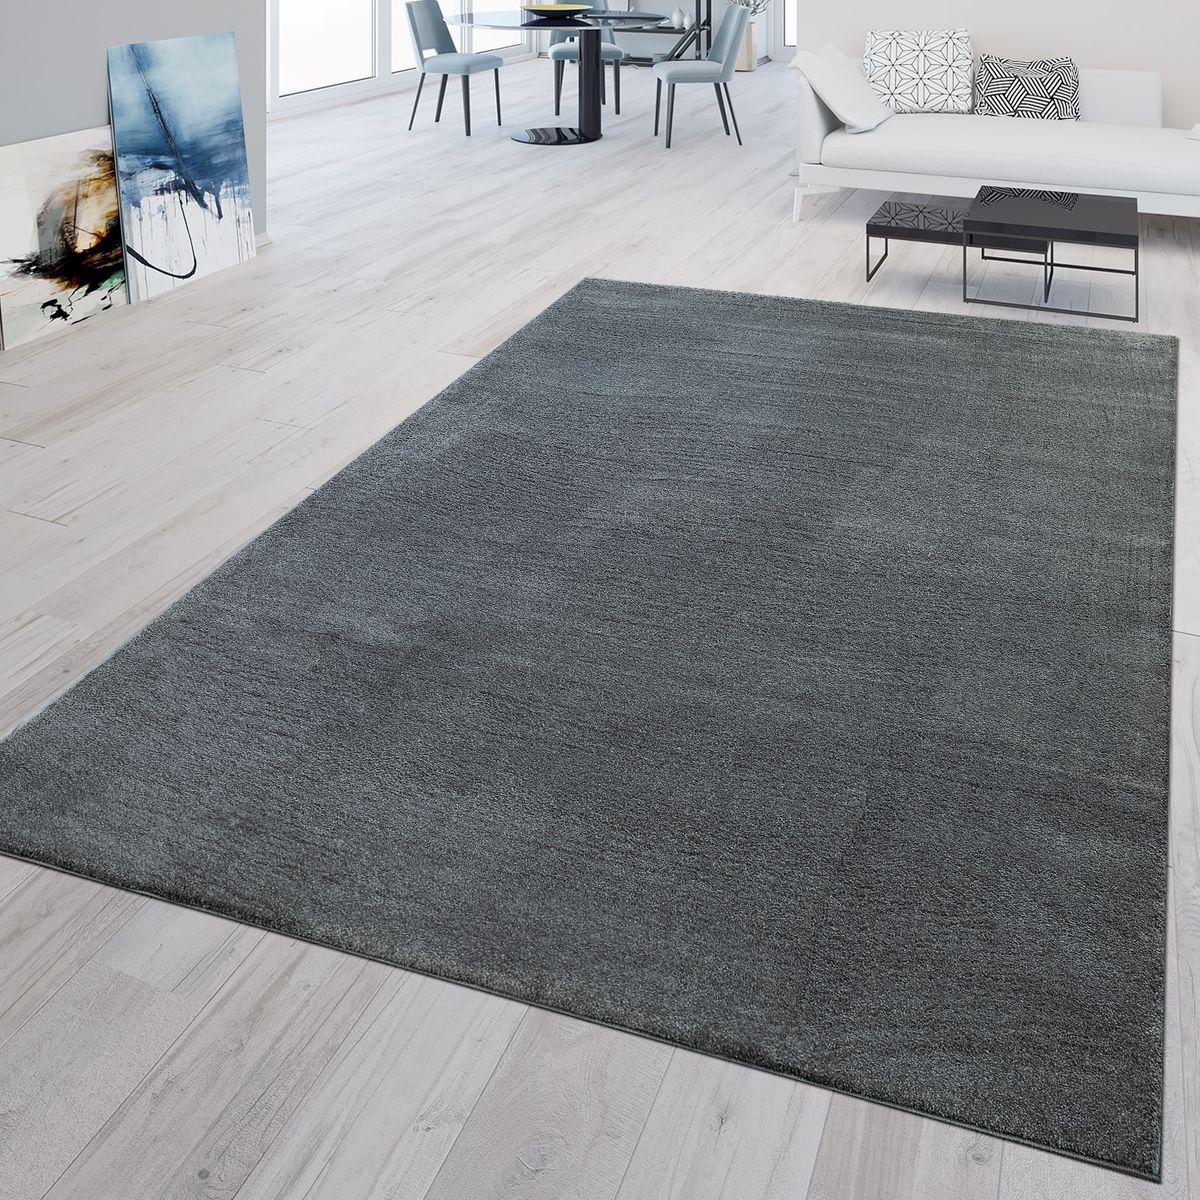 Full Size of Teppich Waschbar Schlafzimmer Wohnzimmer Teppiche Für Küche Steinteppich Bad Badezimmer Esstisch Wohnzimmer Teppich Waschbar